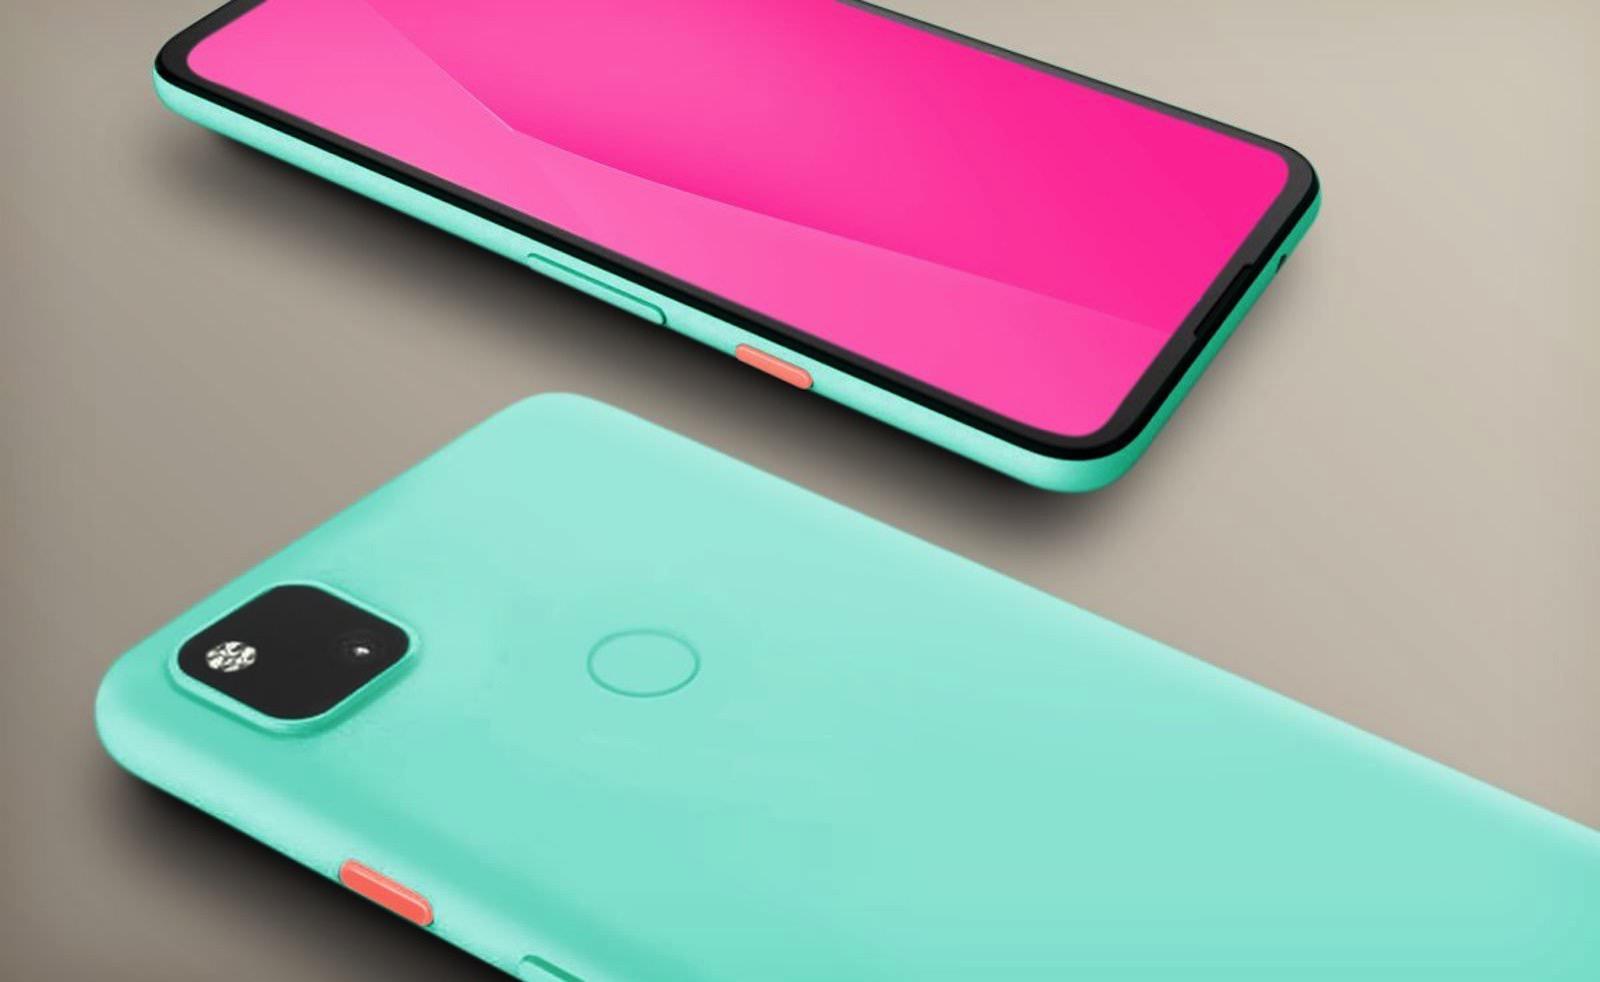 Pixel 4a new color